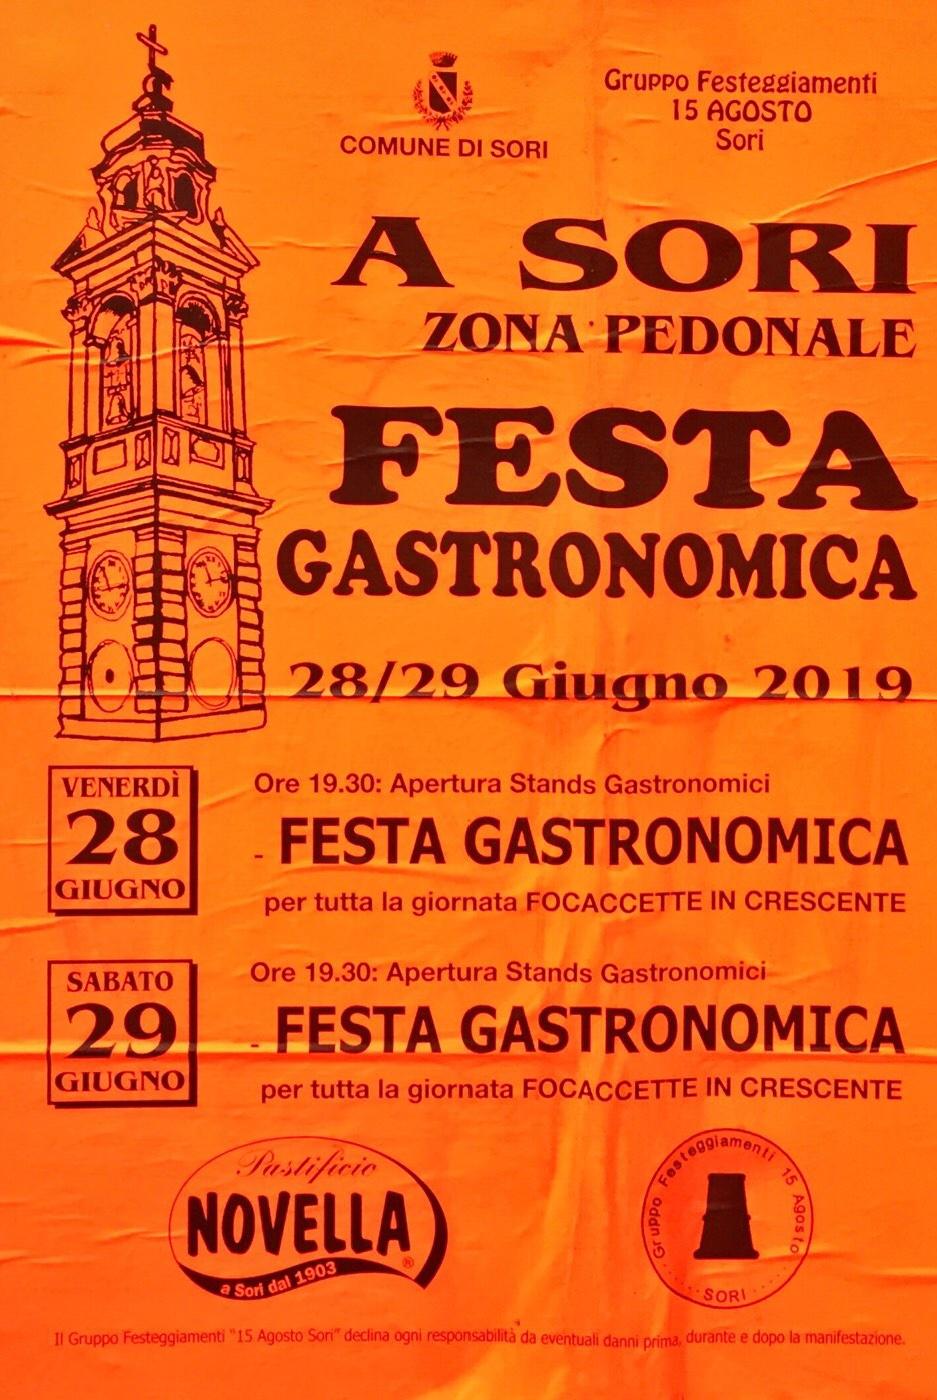 Festa Gastronomica di Sori 2019 Centro Città di Sori Via G. Stagno 19, 16030 Sori Dal 28/06/2019 Al 29/06/2019 19:30 - 23:00